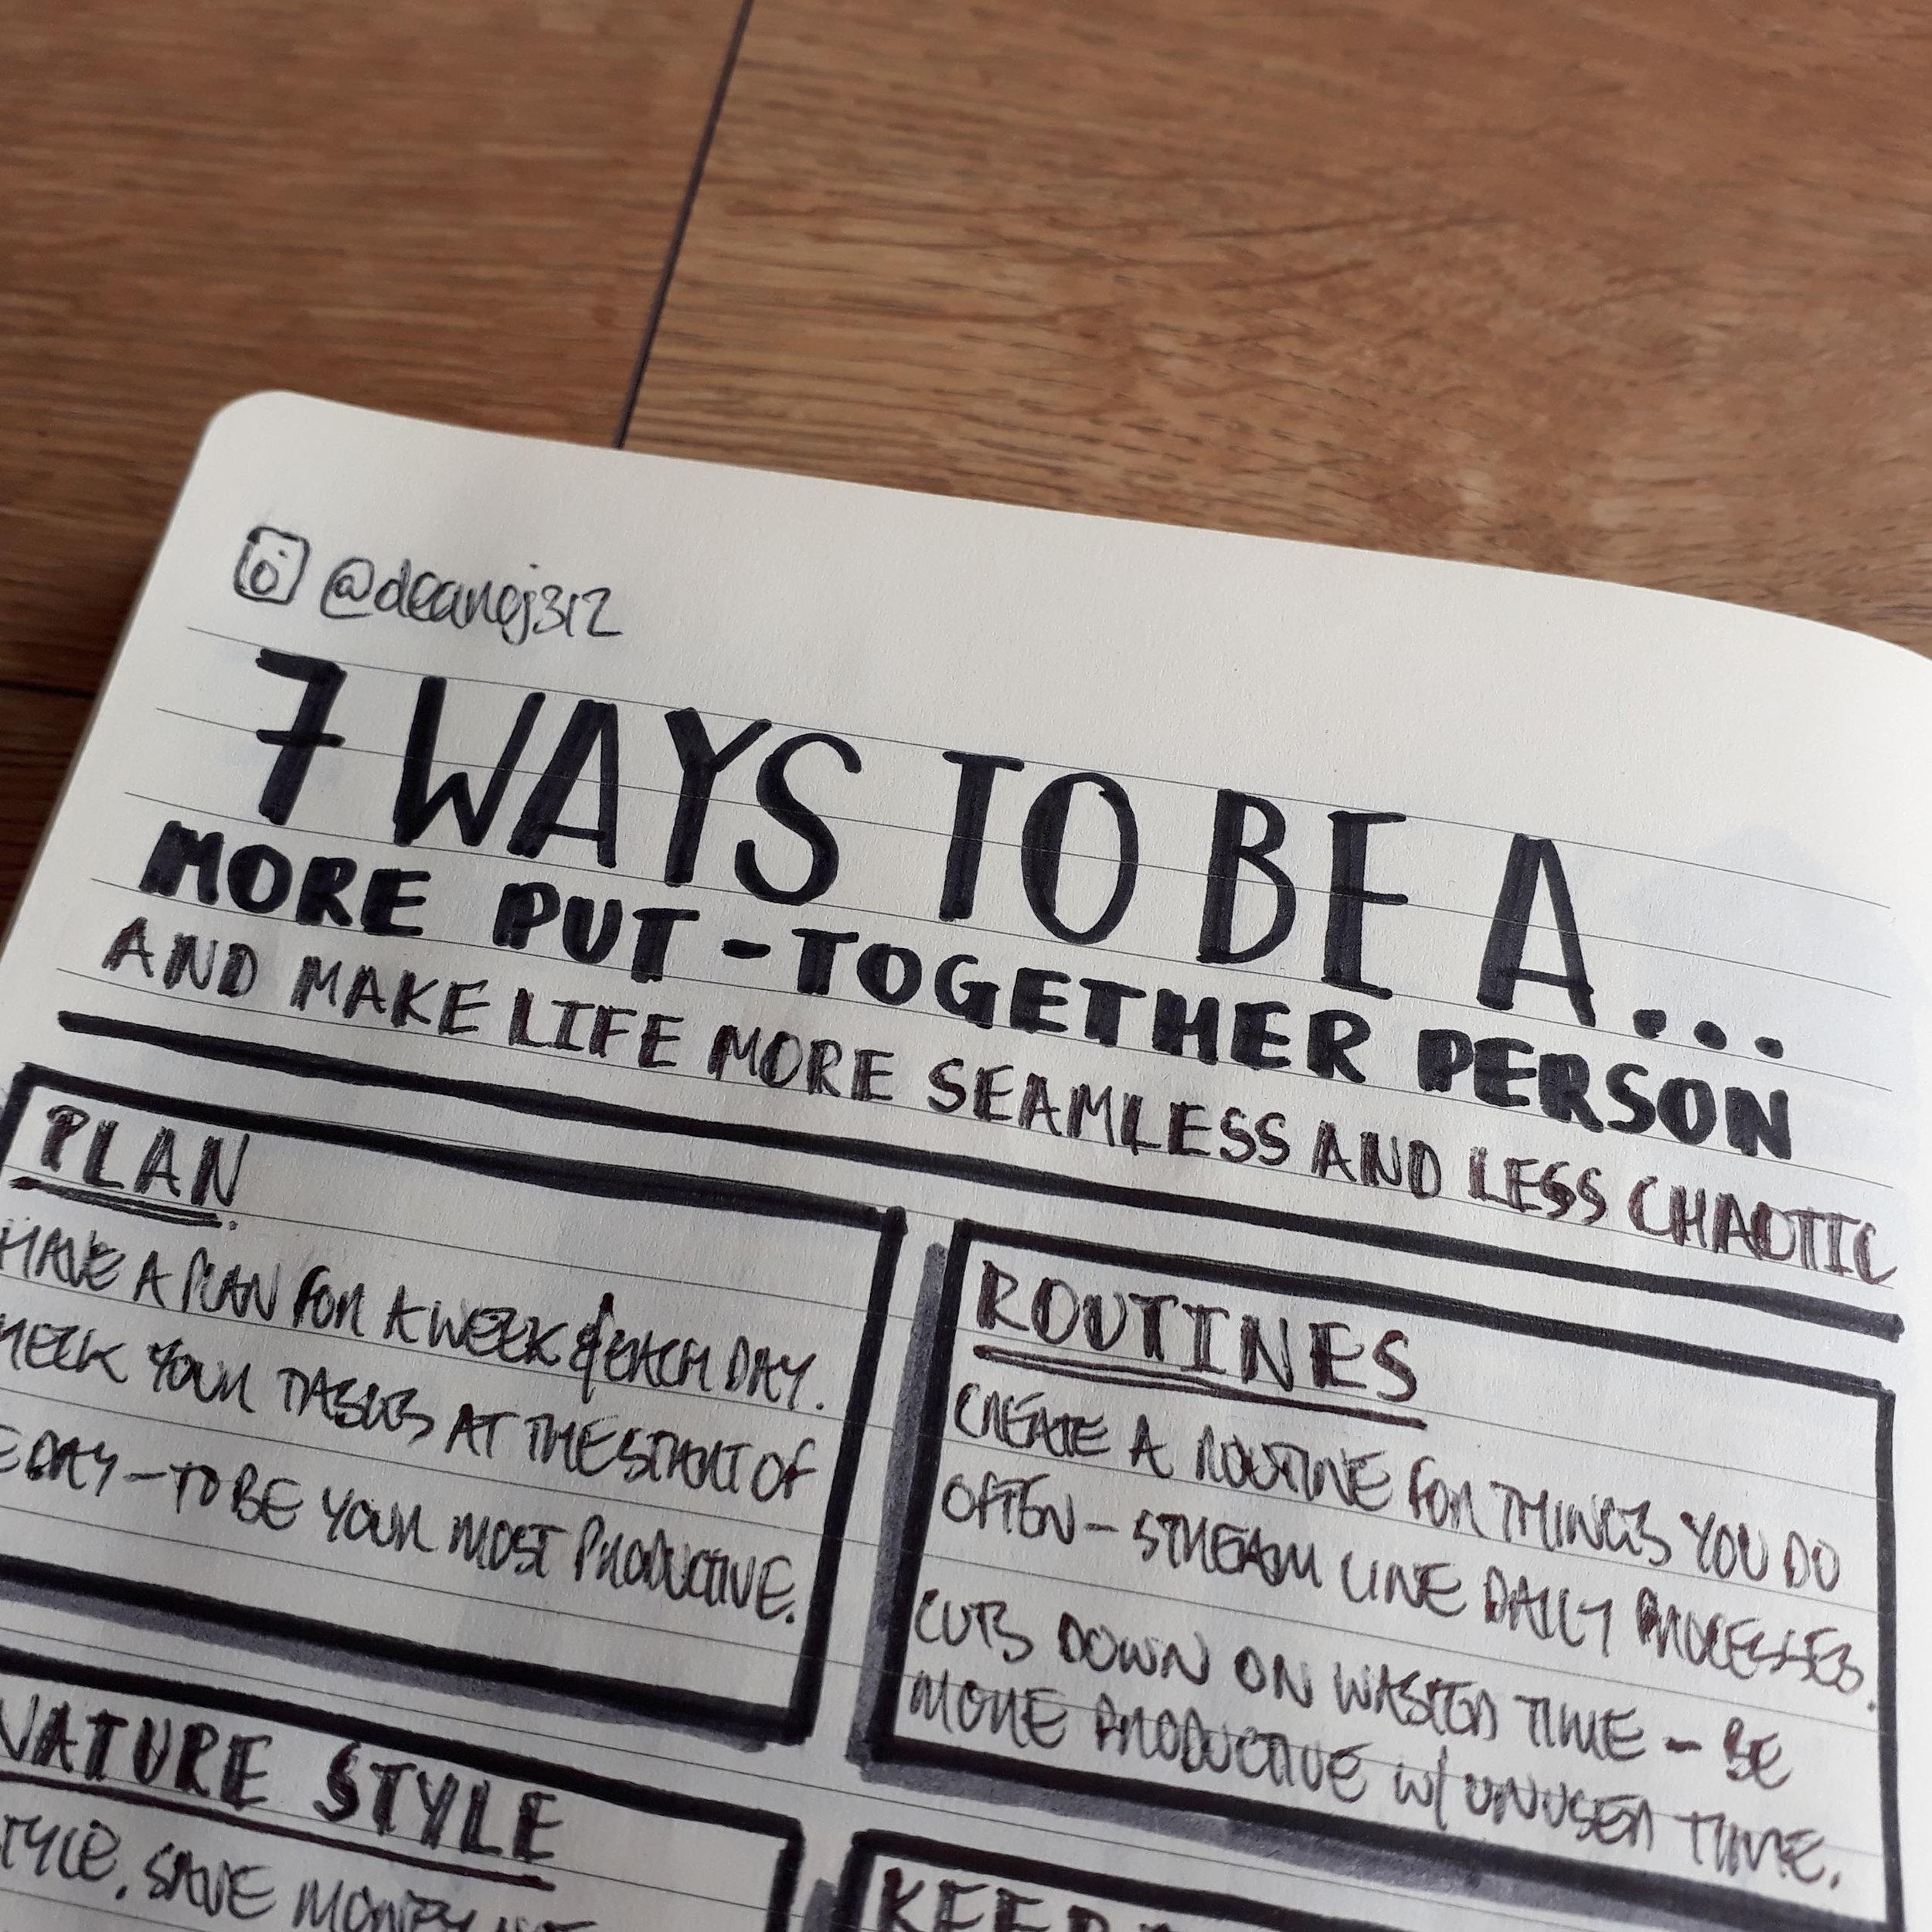 7WaysToBeAMorePut-TogetherPerson2.jpg